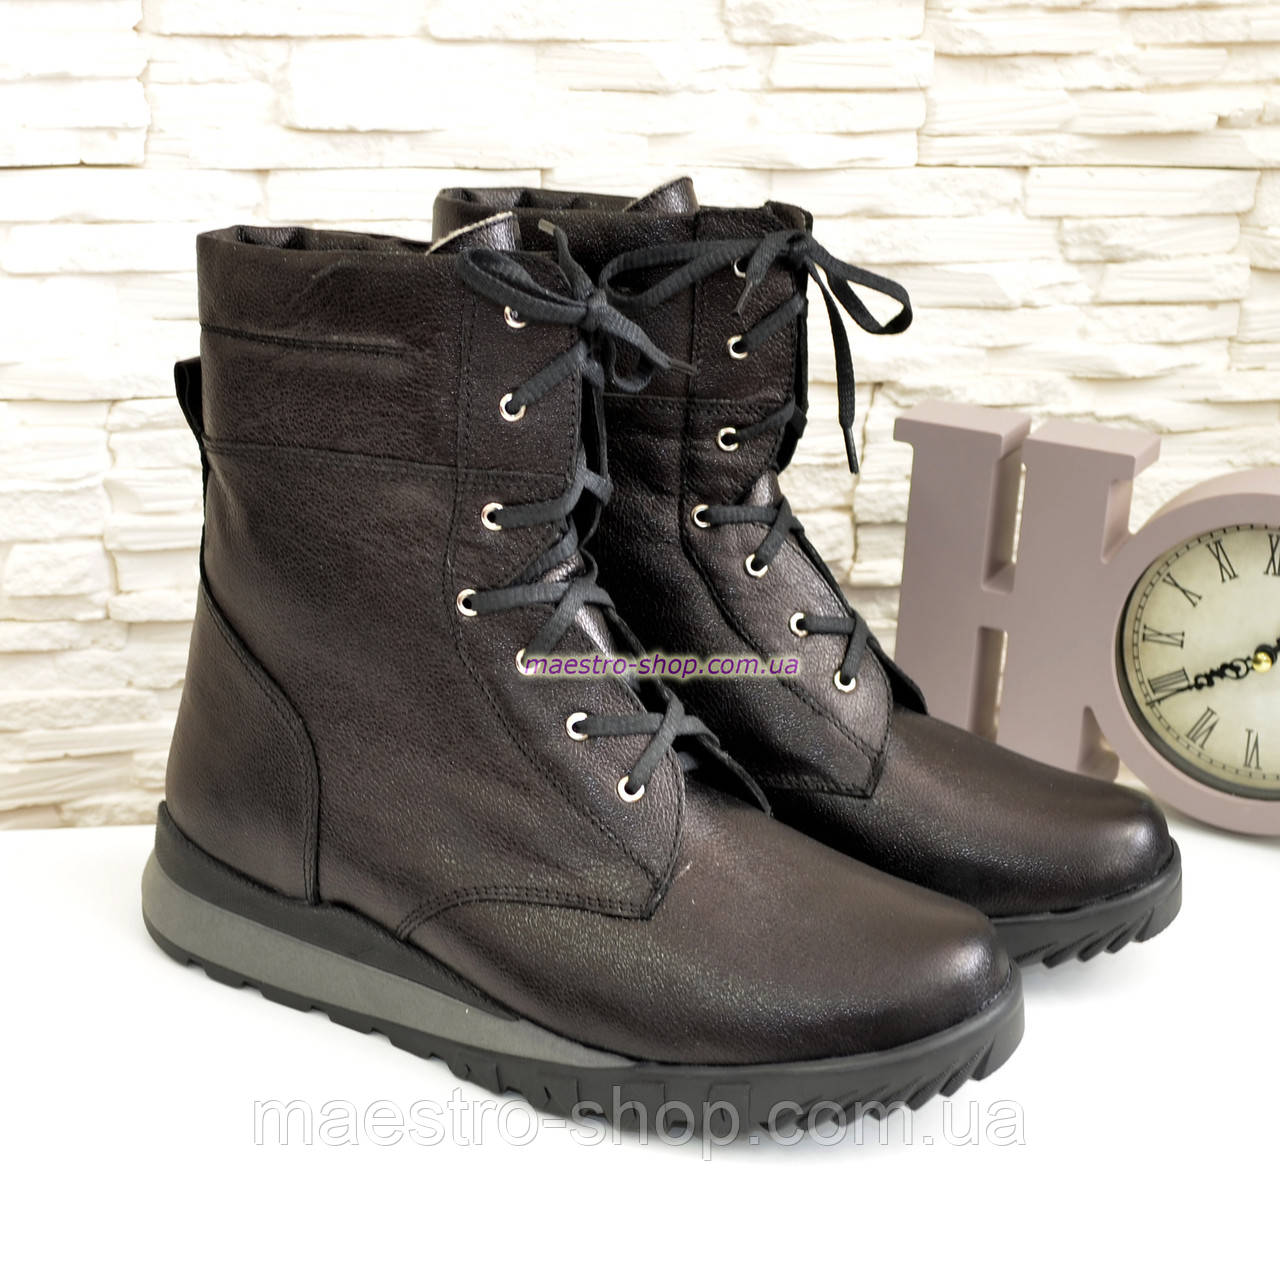 Ботинки мужские на шнуровке из натуральной кожи флотар, от производителя